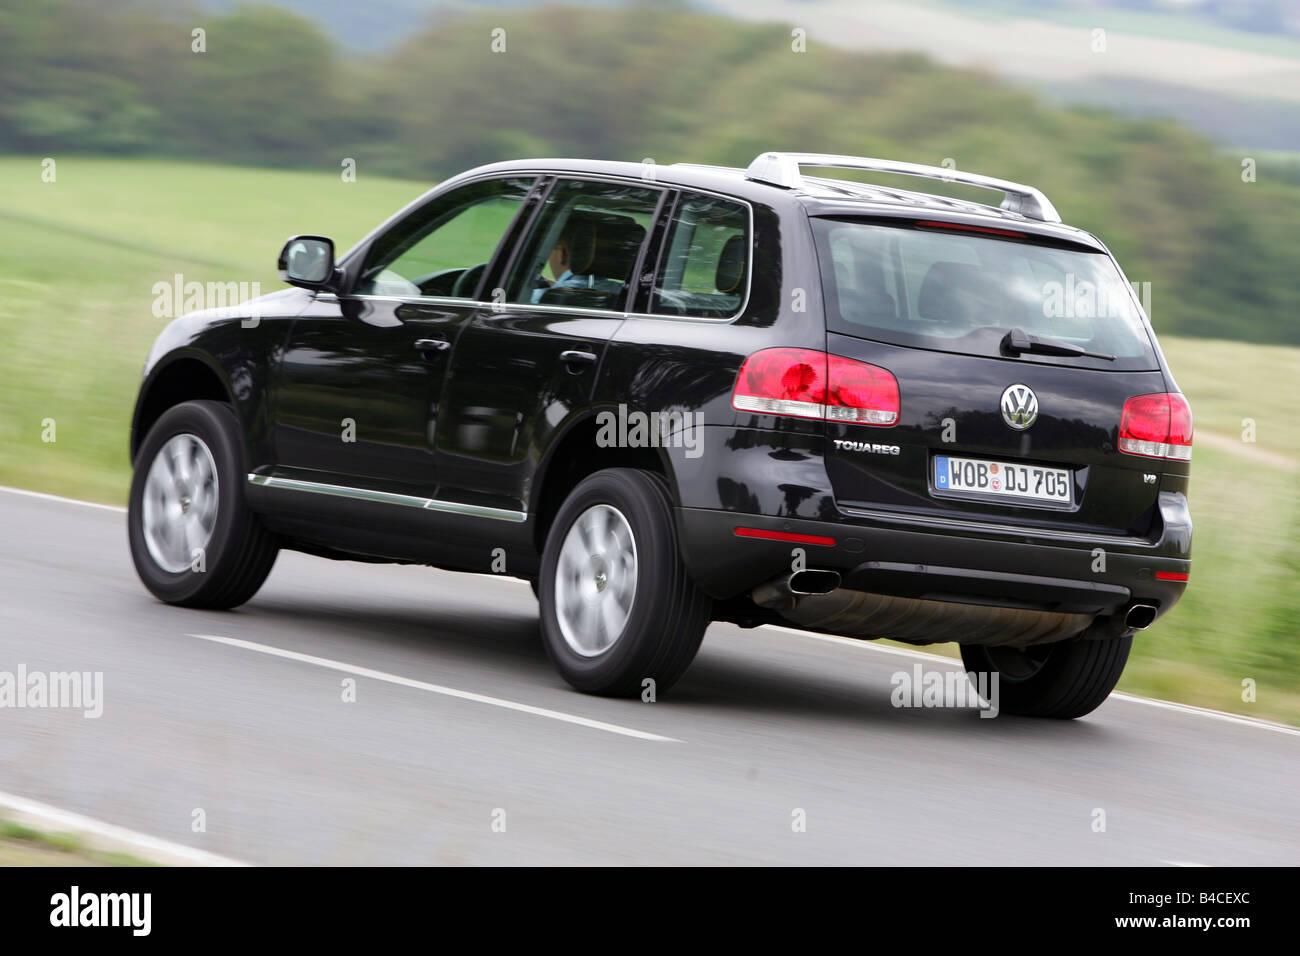 car, vw volkswagen touareg v8, black, model year 2005-, driving